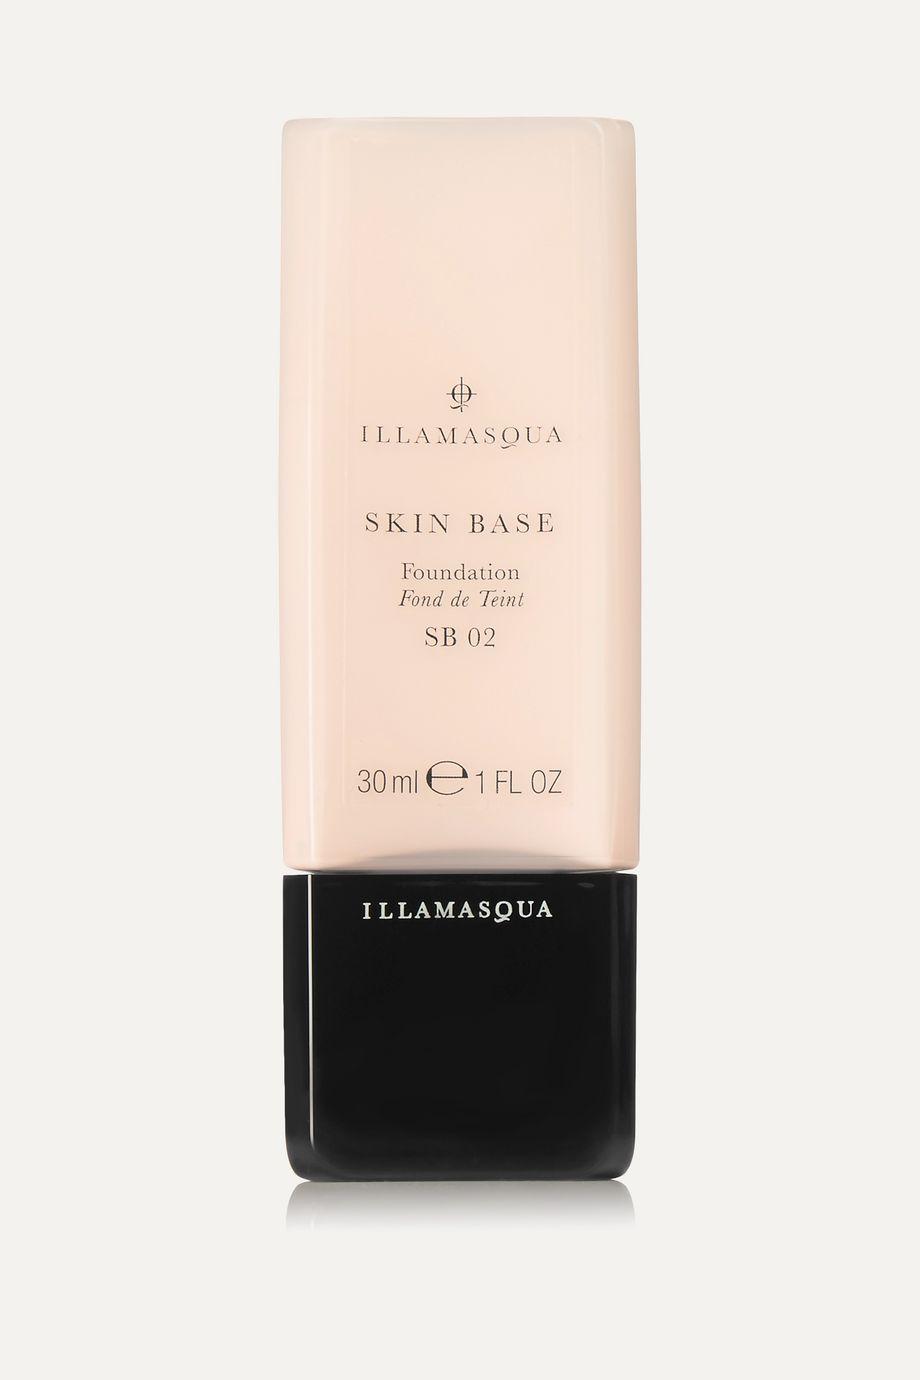 Illamasqua Skin Base Foundation - 2, 30ml